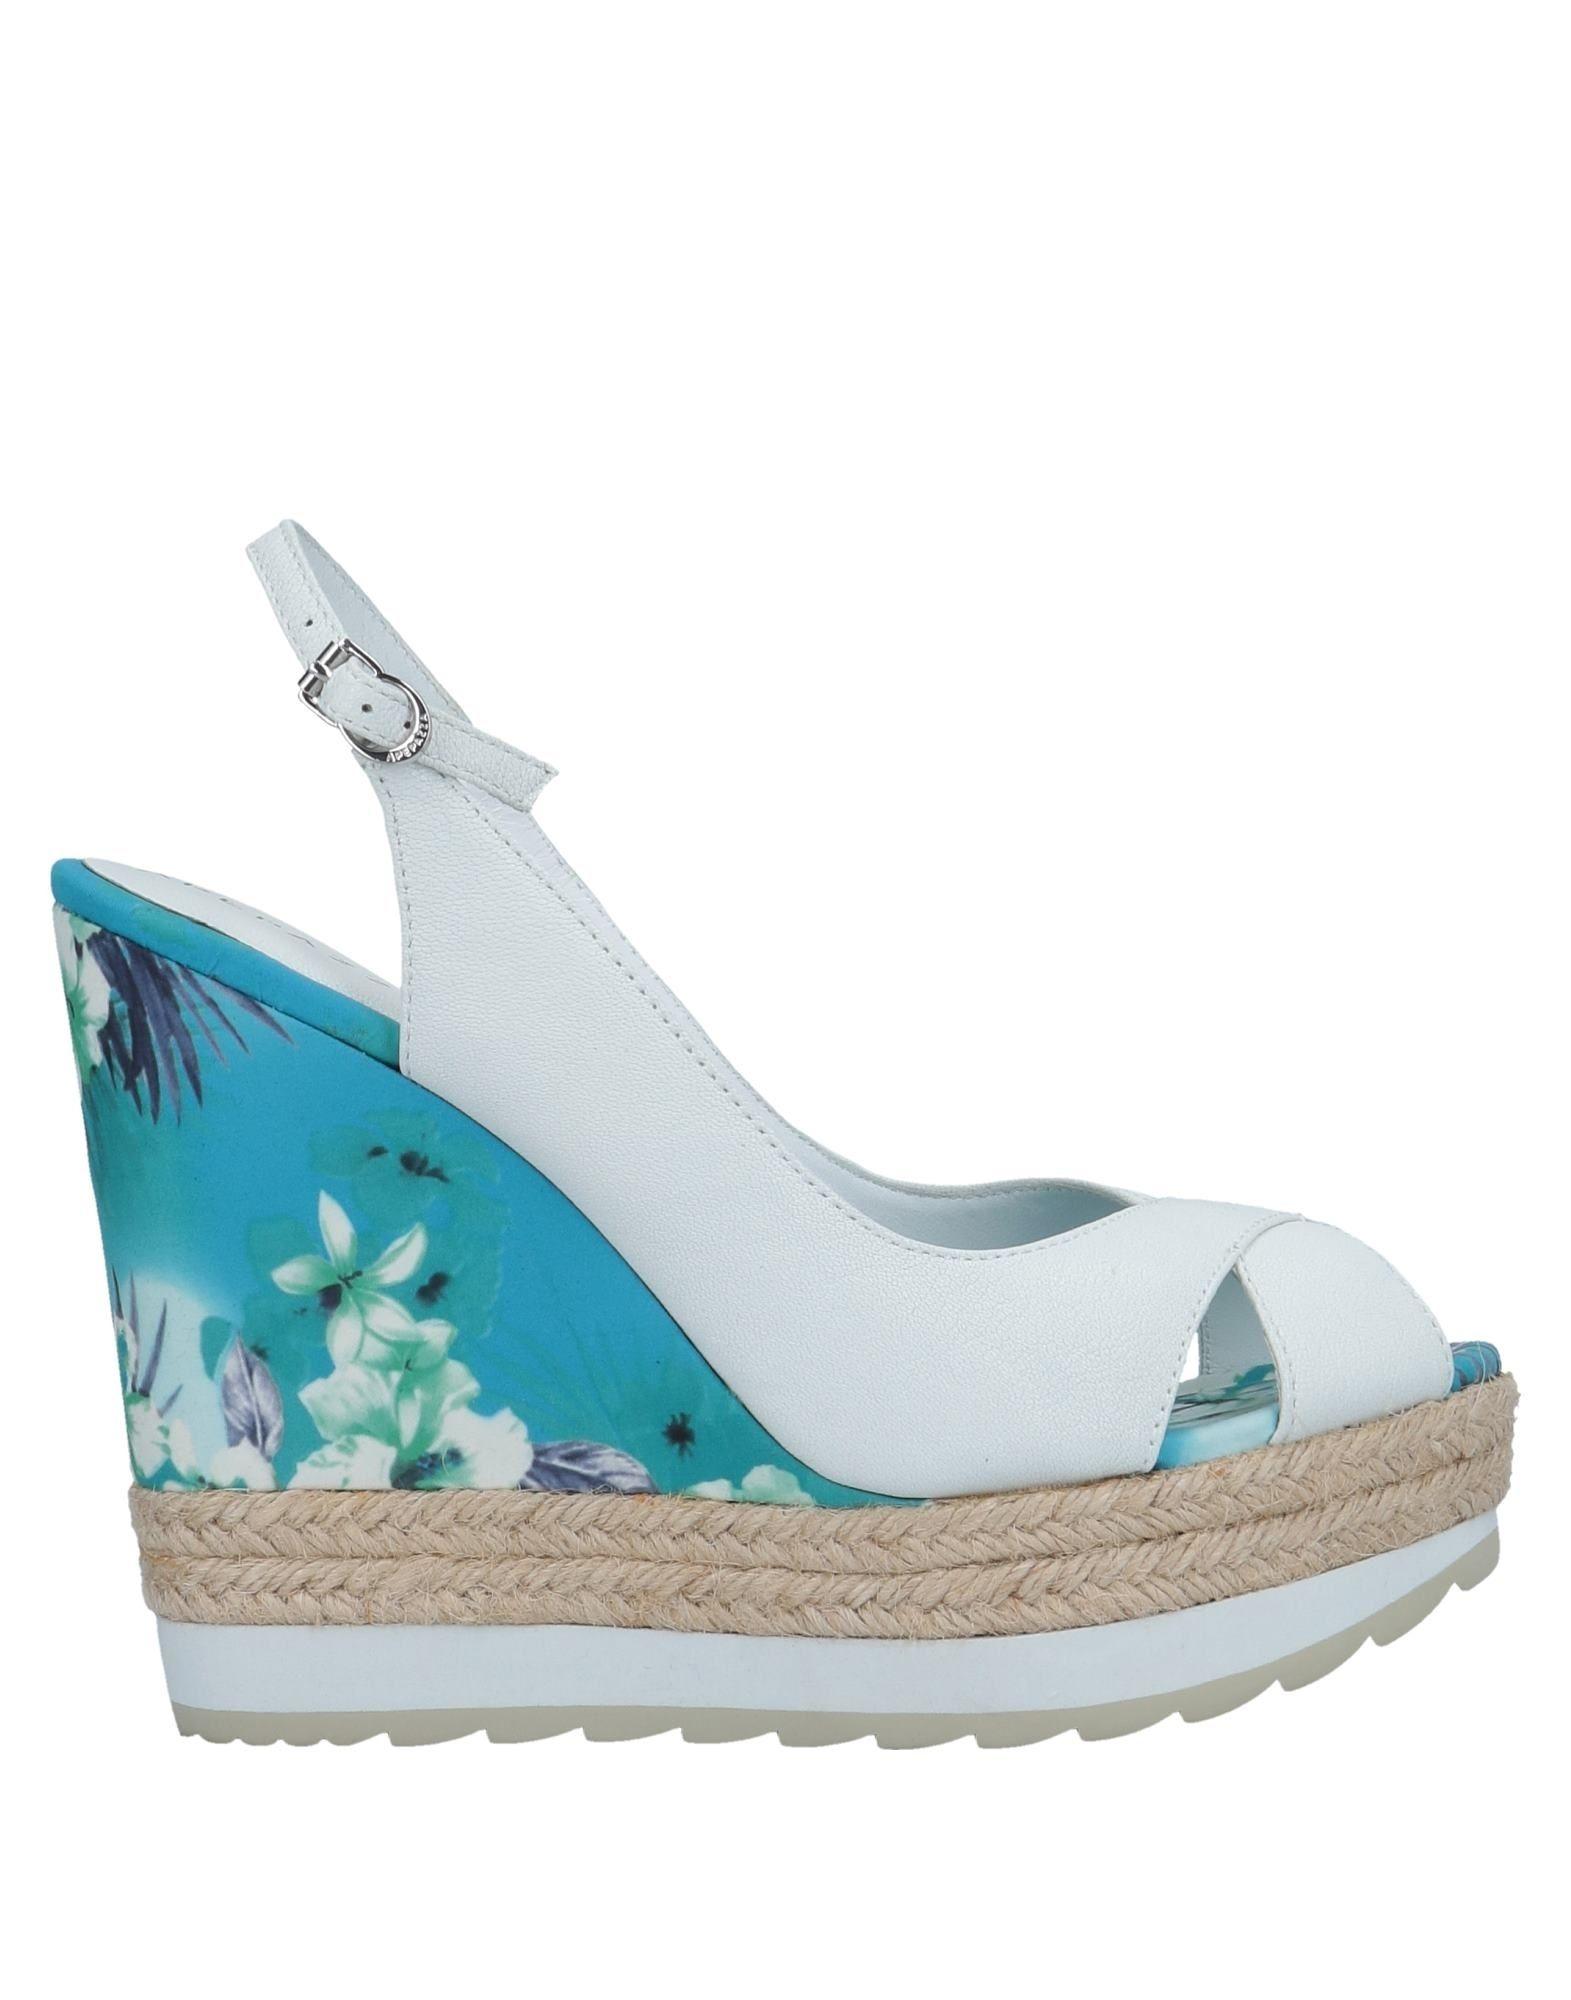 Apepazza Sandalen Damen Gute  11548298RL Gute Damen Qualität beliebte Schuhe 57576b